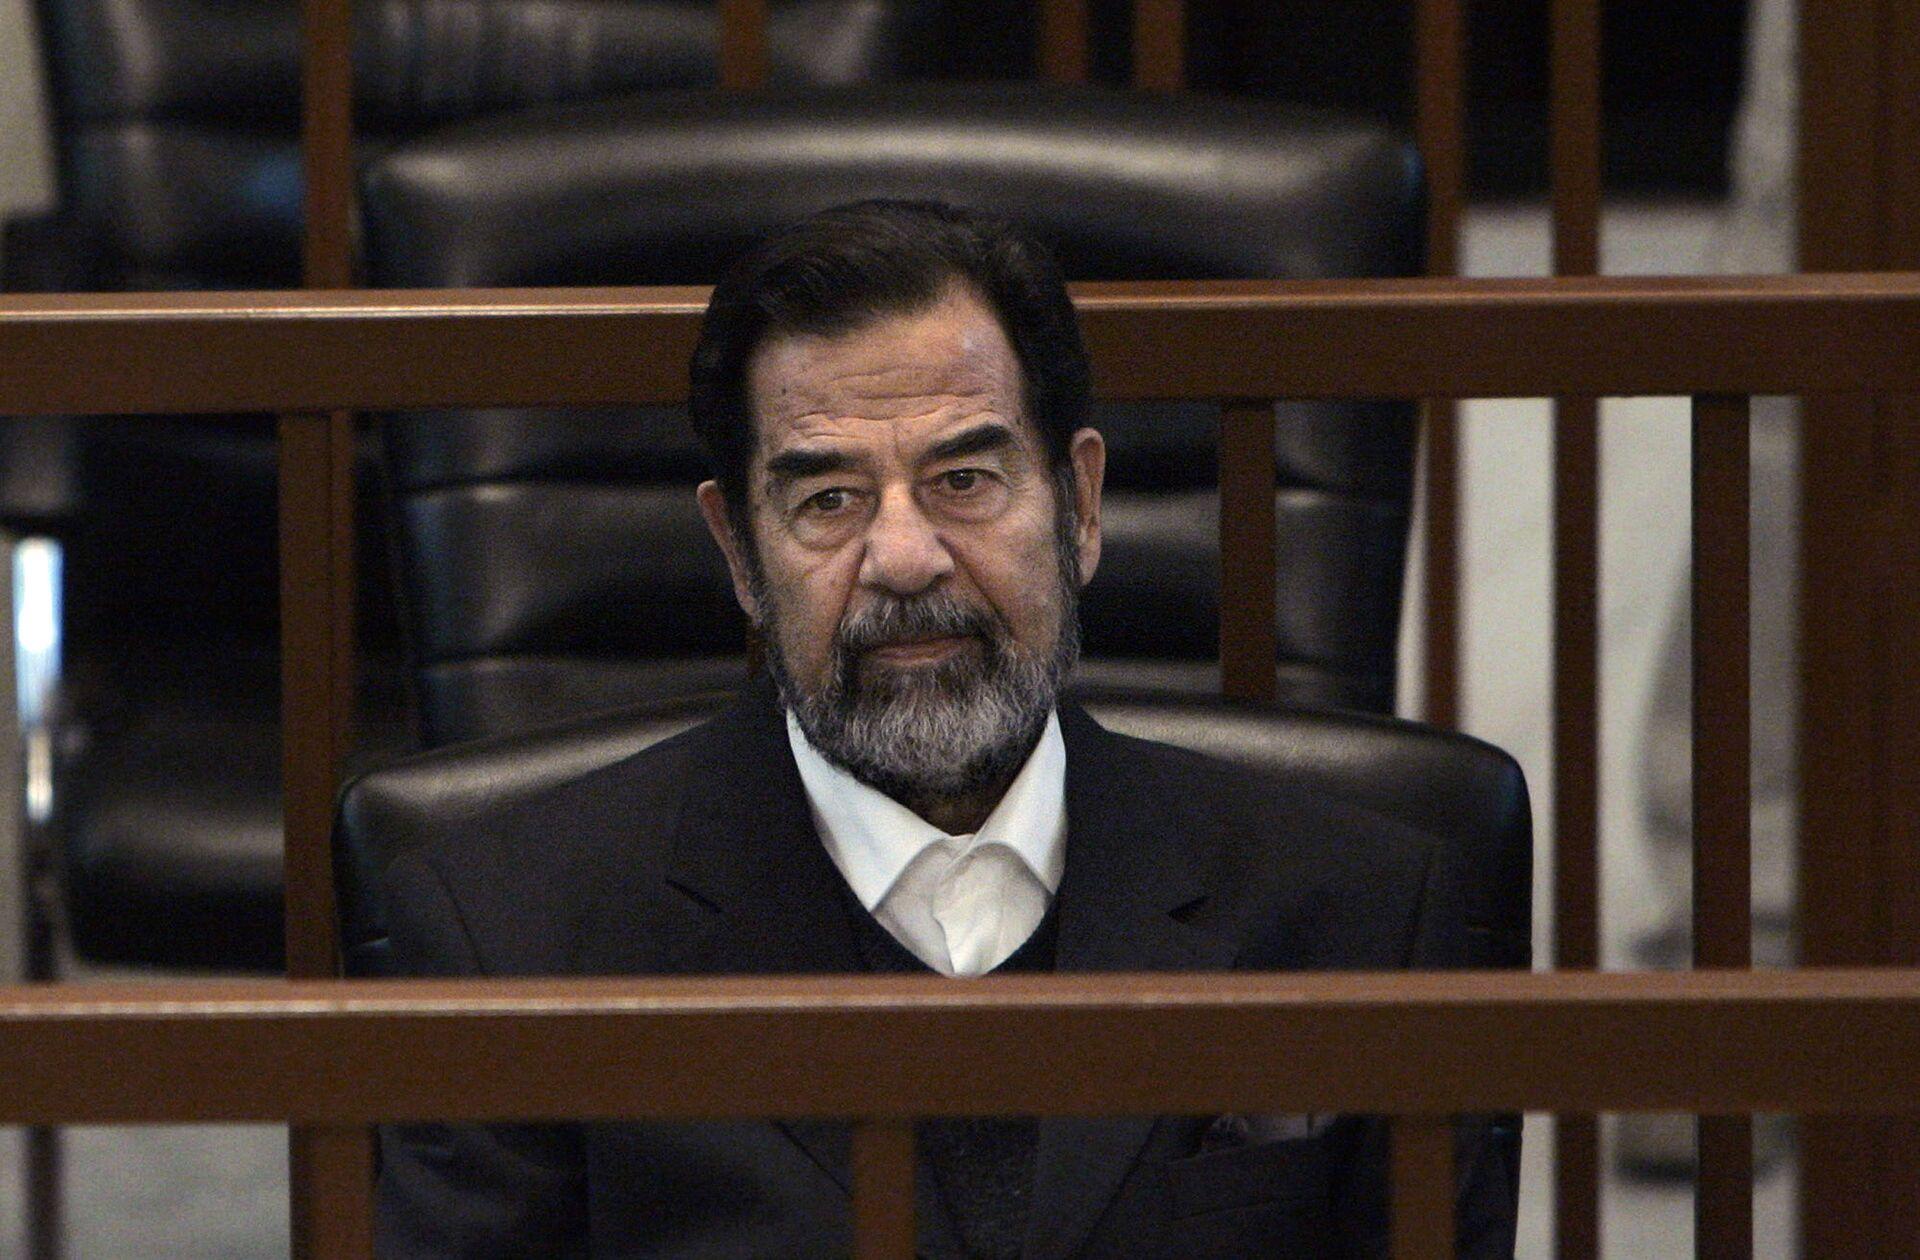 Трибунал над бывшим иракским президентом Саддамом Хусейном  - ПРОФИ Новости, 1920, 18.09.2020